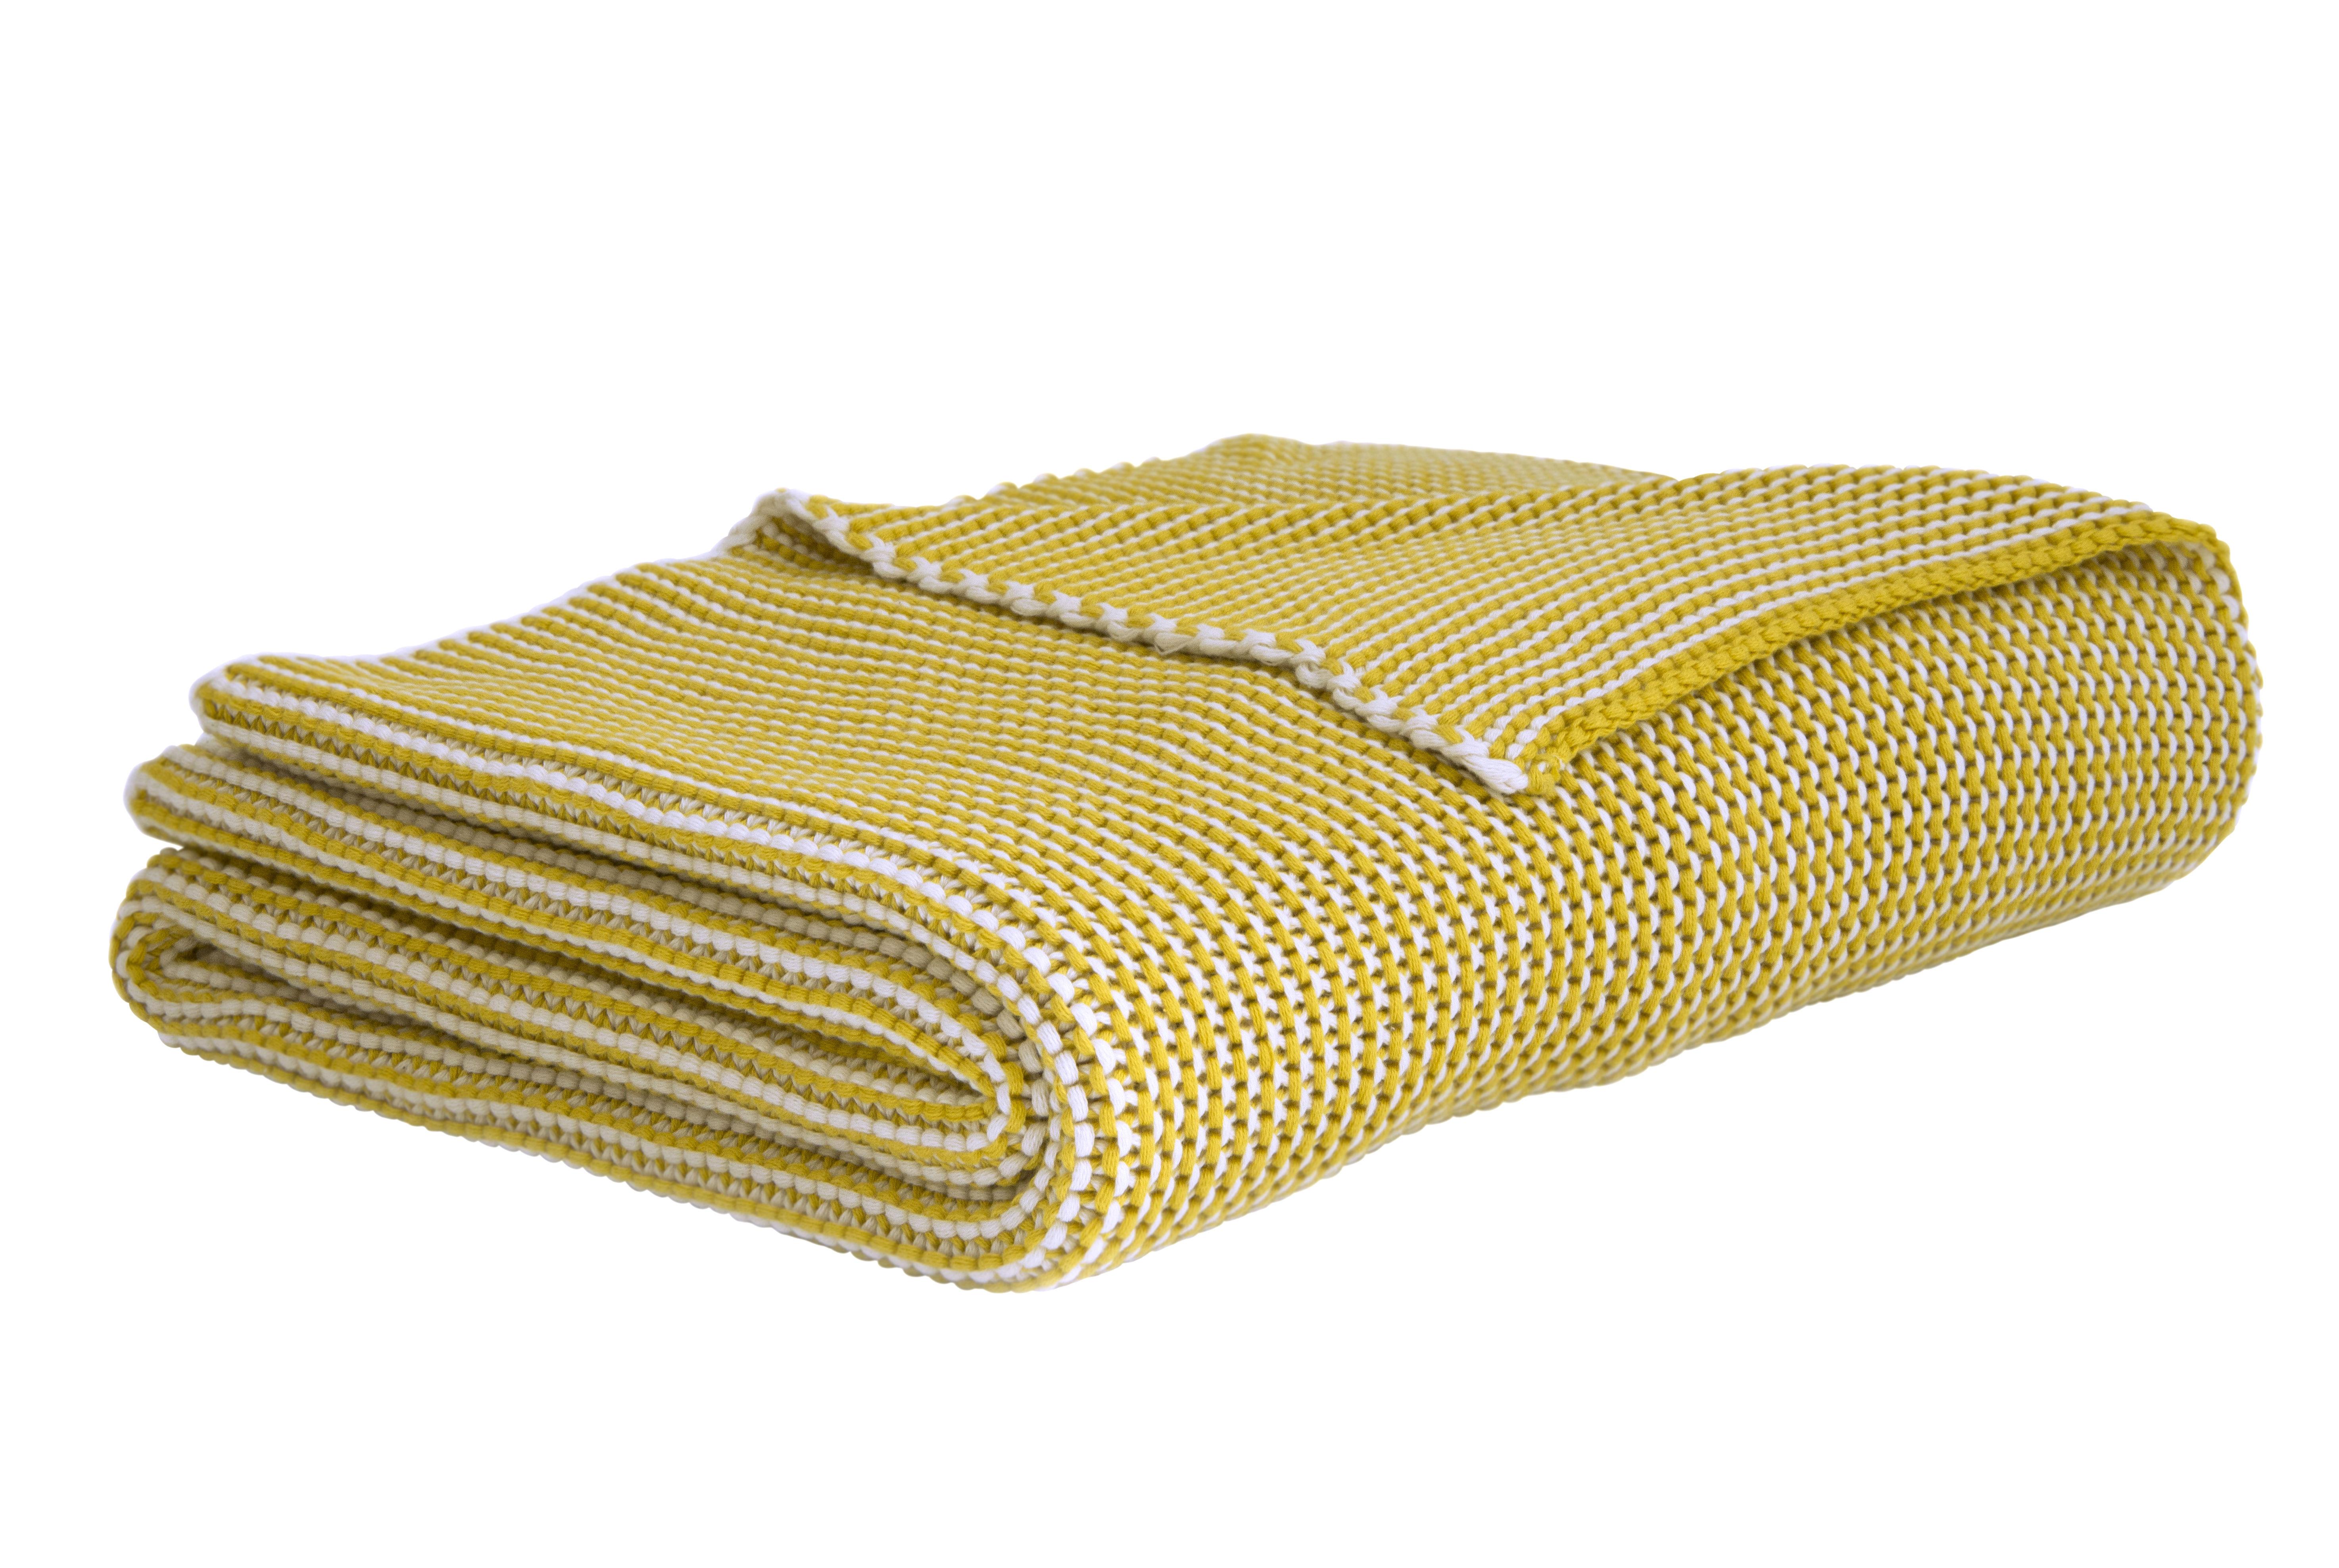 Plaid roccamare 130 x 170 cm jaune moutarde enostudio - Plaid jaune moutarde ...